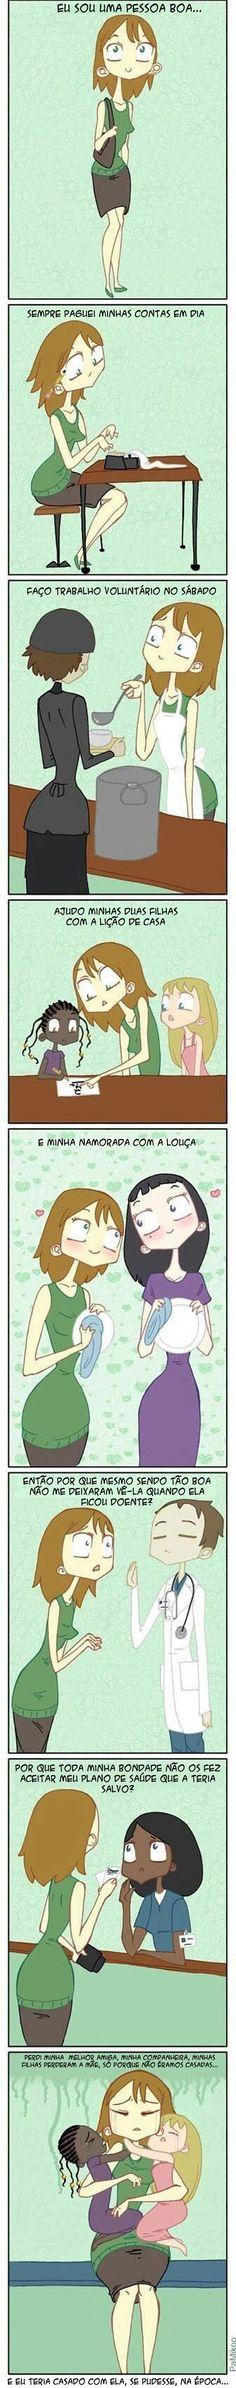 Porque o casamento homo afetivo é importante.